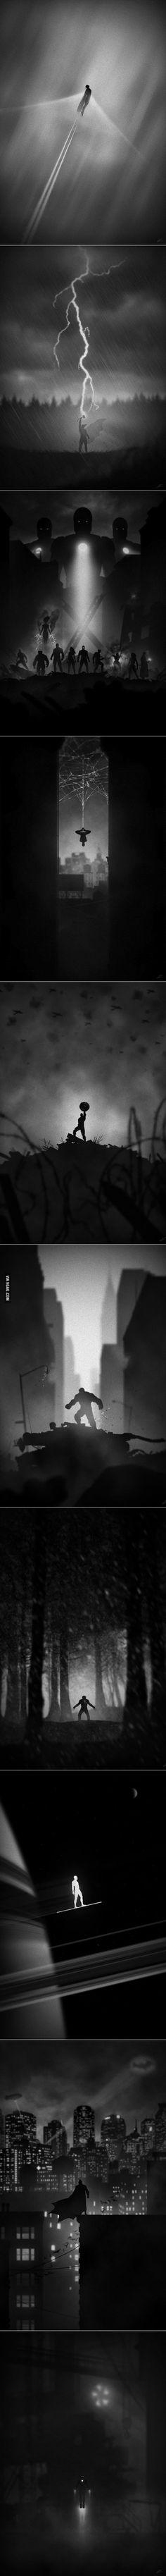 10 Eerie Superhero Posters